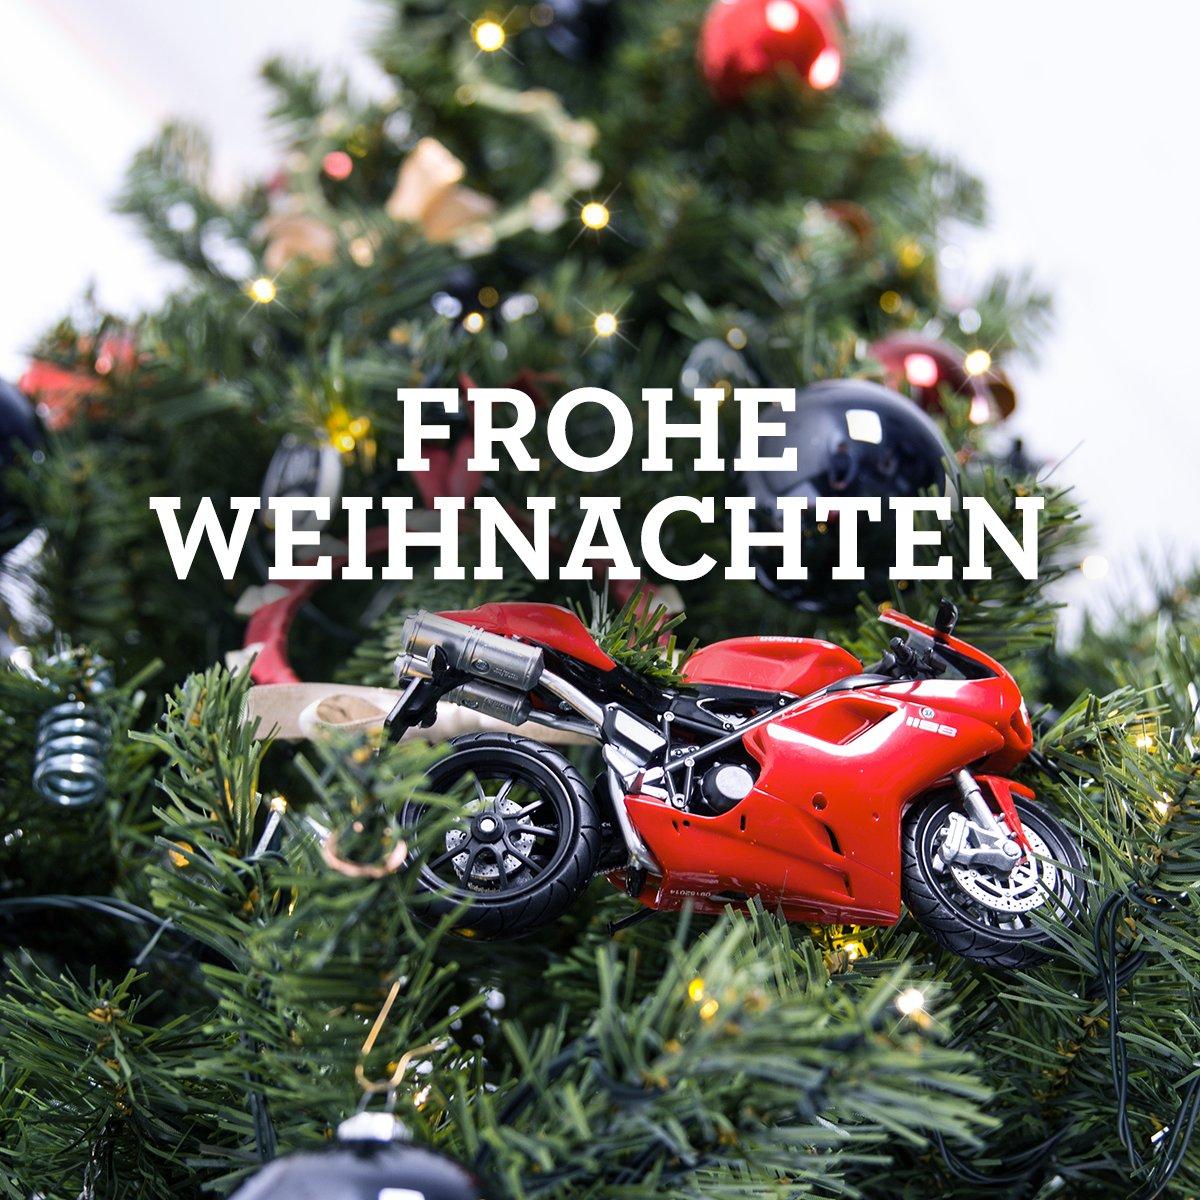 Frohe Weihnachten Motorrad.Polo Motorrad On Twitter Frohe Weihnachten Ihr Alle